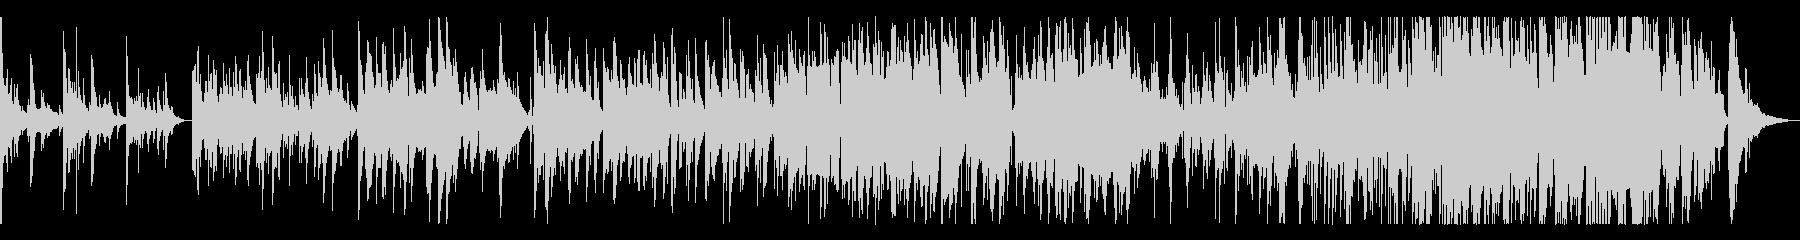 ソプラノサックスとピアノ感動的なバラードの未再生の波形